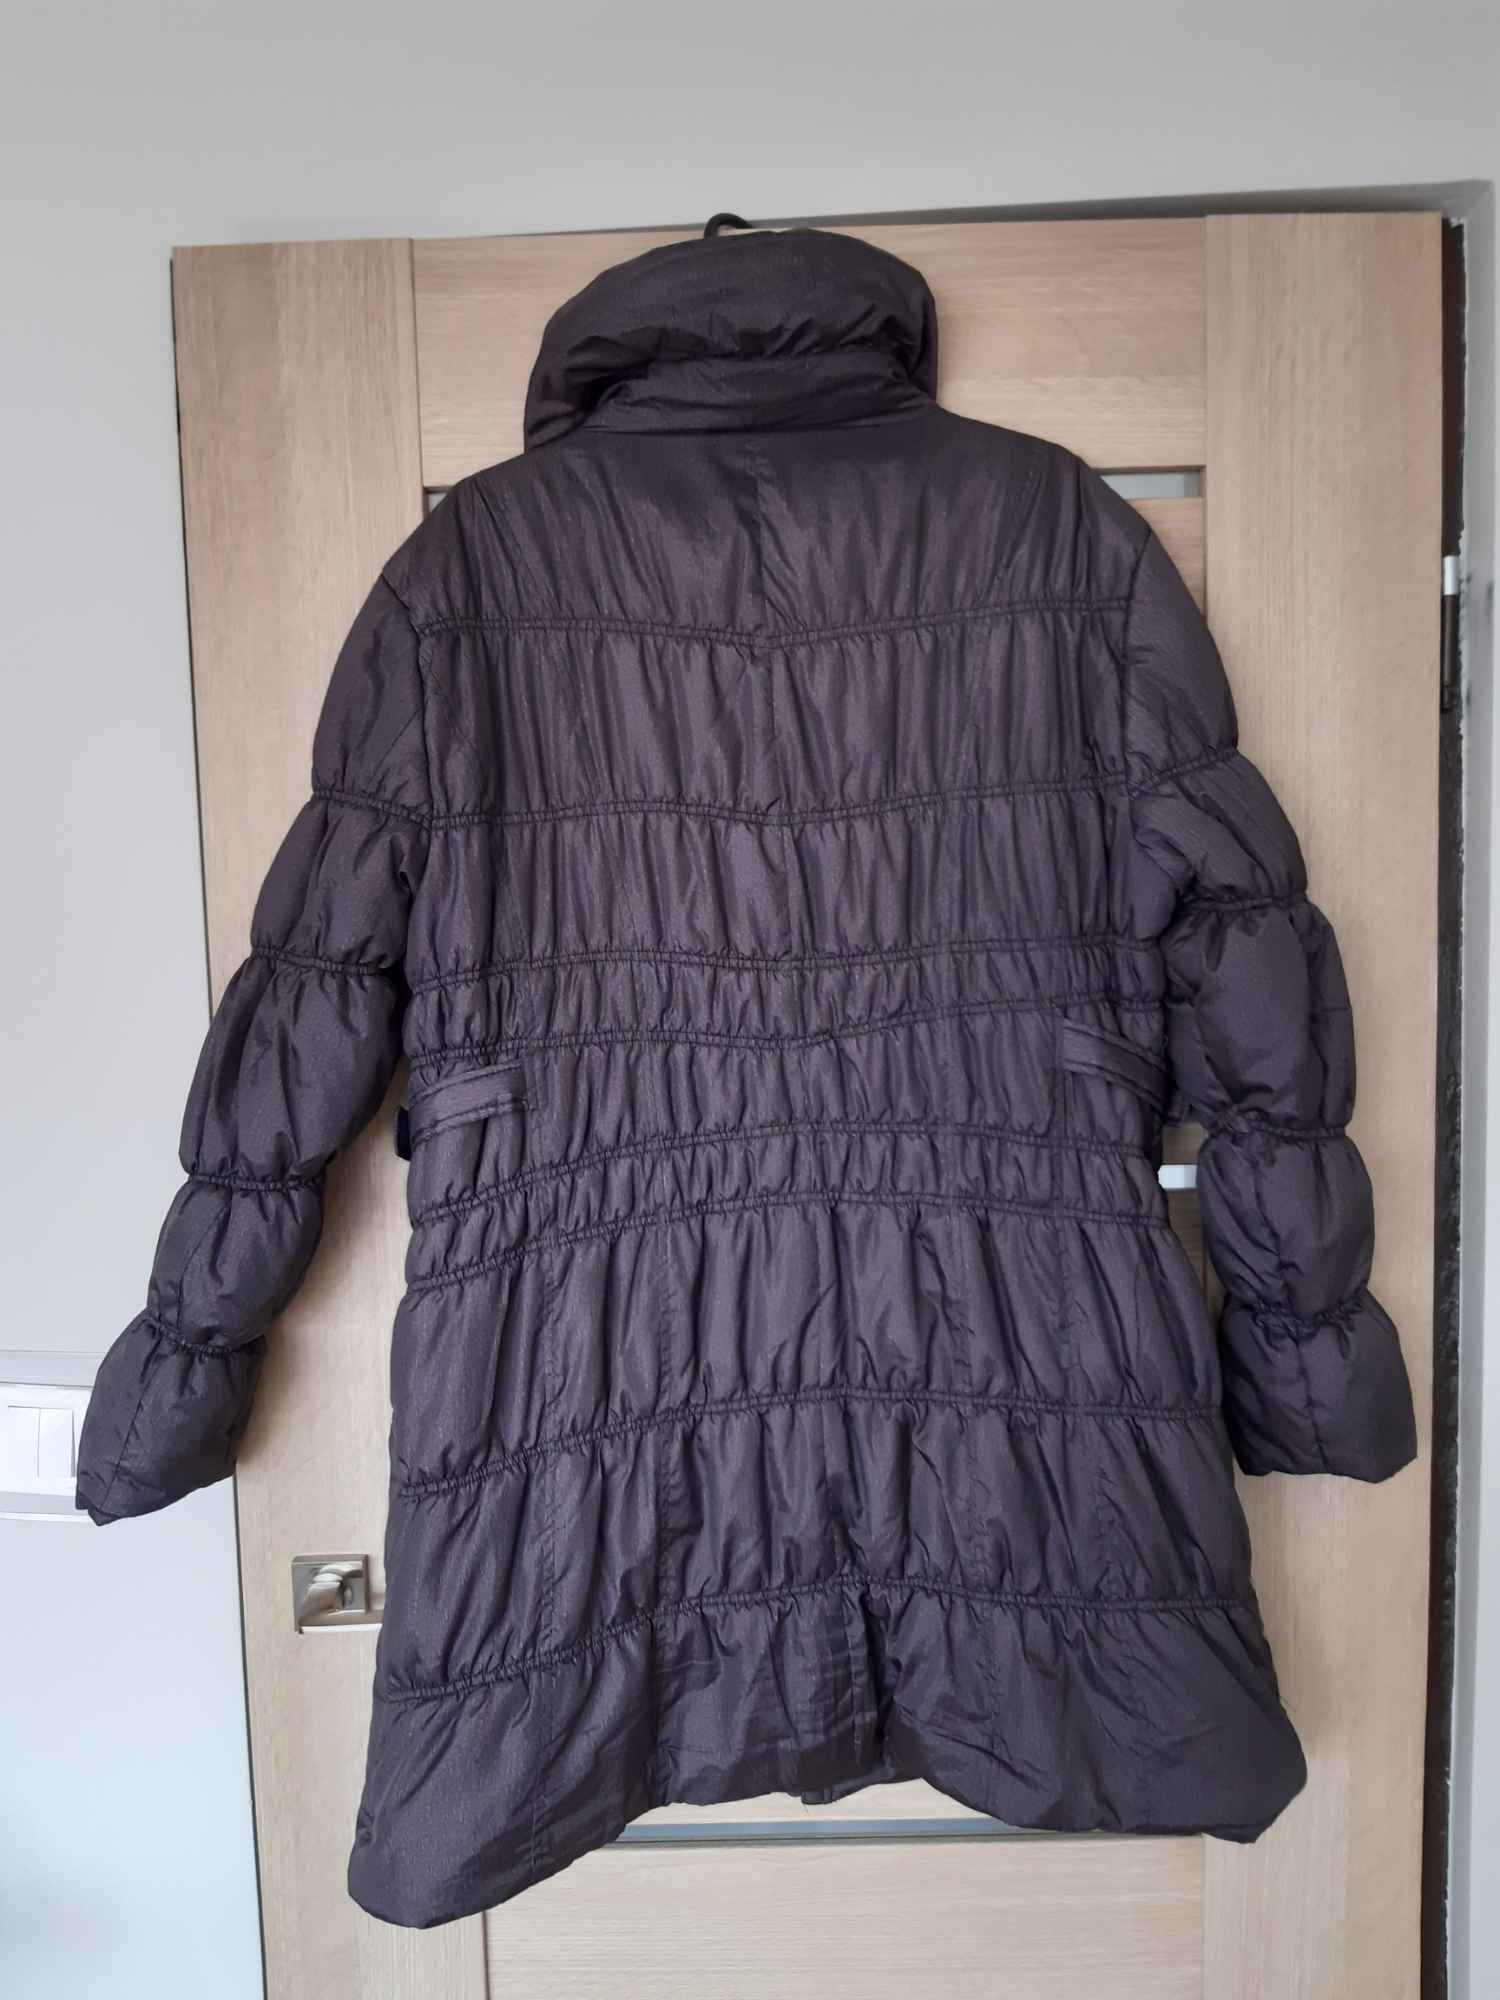 Sprzedam kurtkę zimową damską roz. 52 Skierniewice - zdjęcie 2